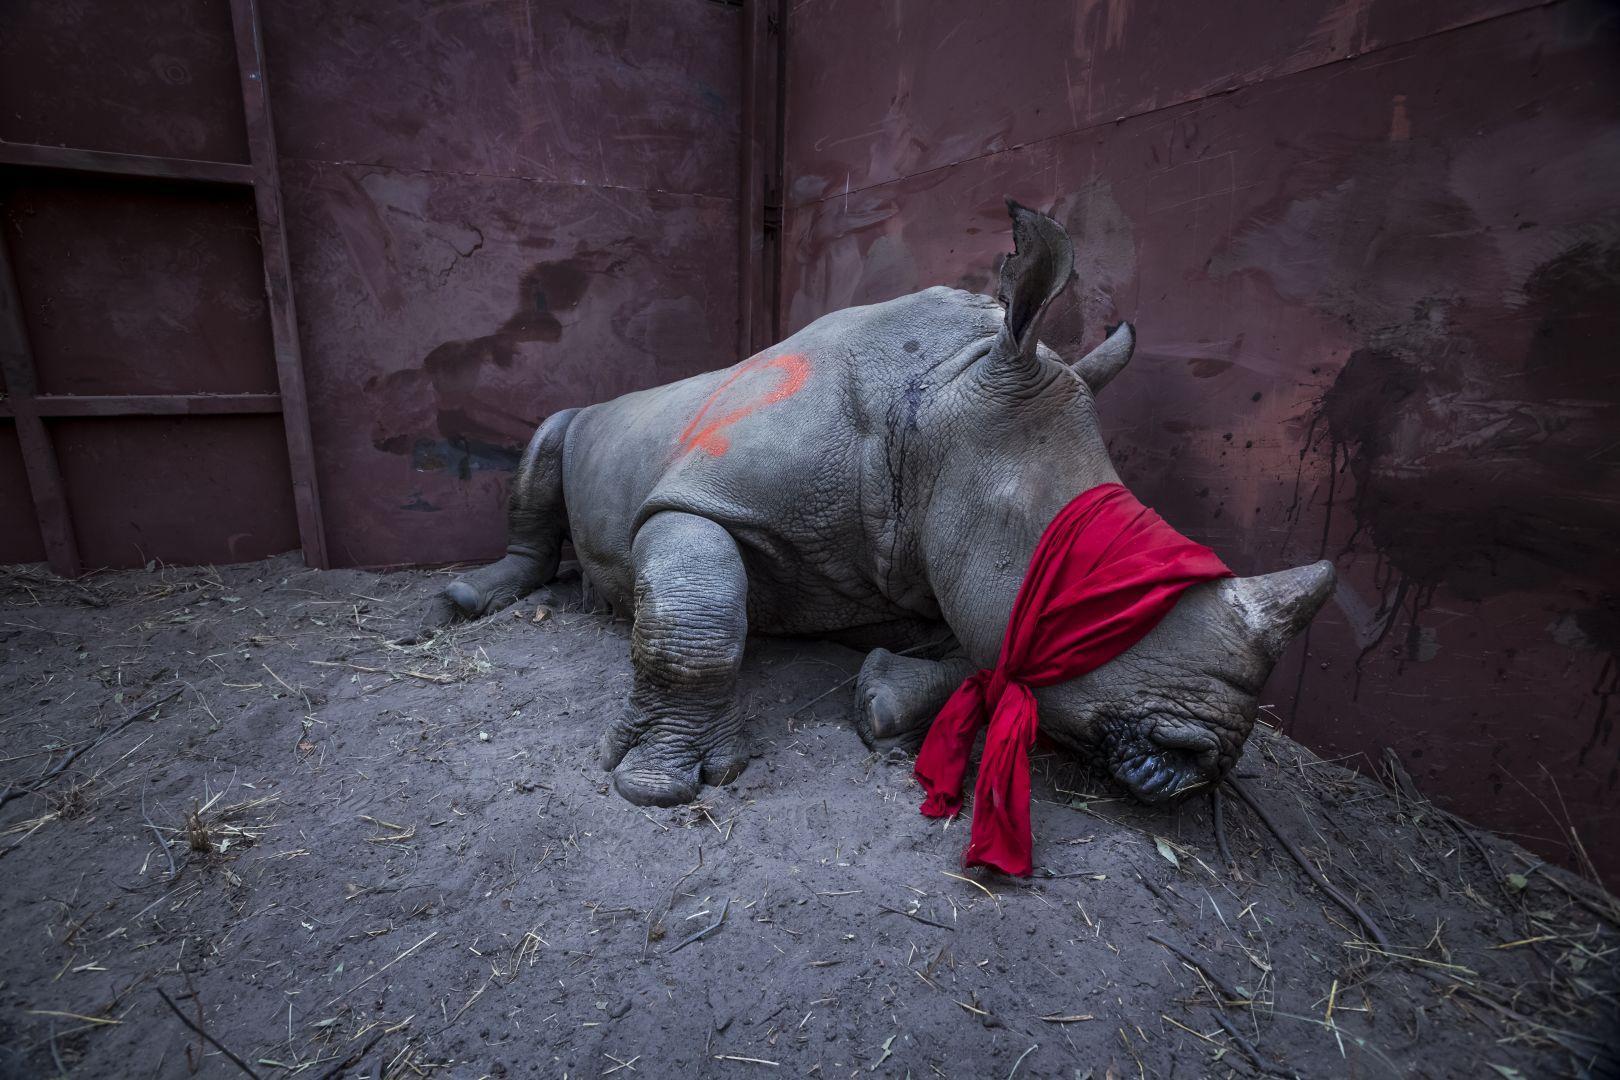 Ожидание свободы, © Нейл Олдридж, Южная Африка, 1-й приз : одиночный кадр, Фотоконкурс World Press Photo